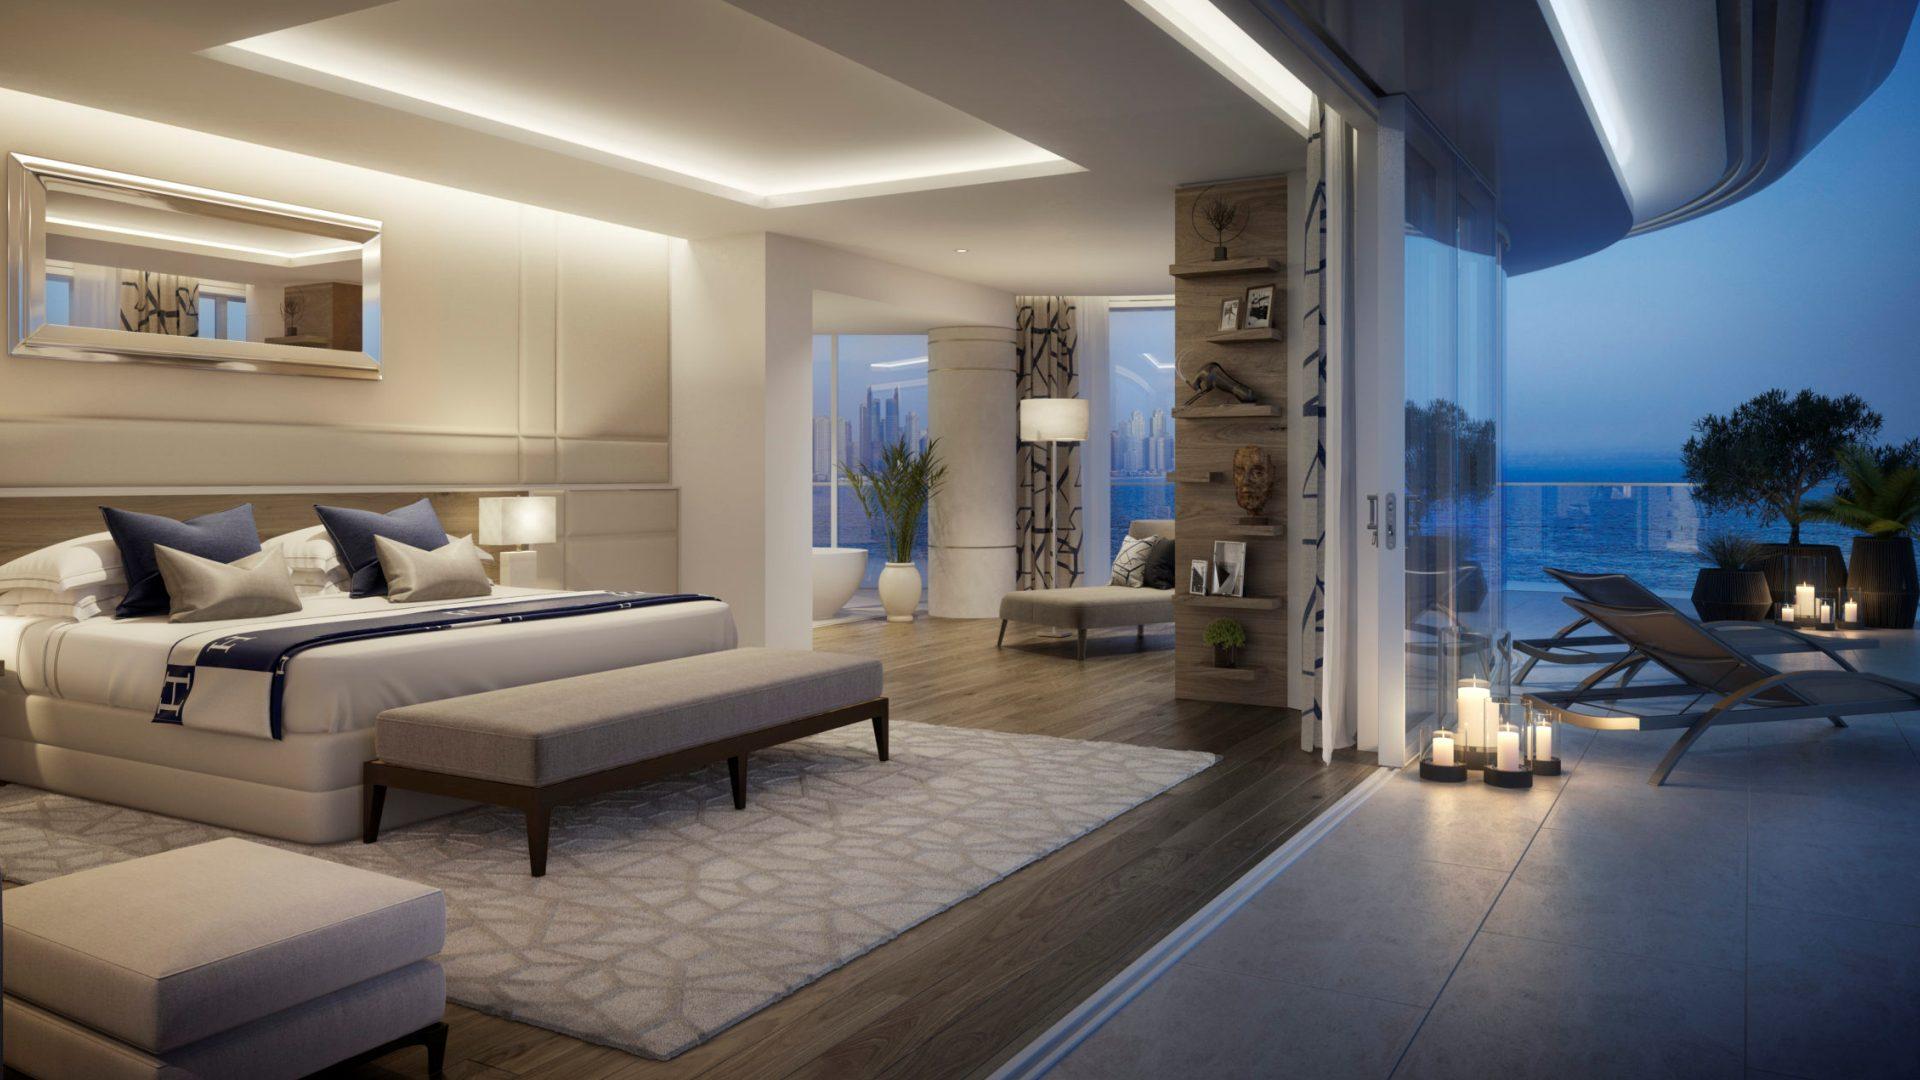 Ático en venta en Dubai, EAU, 4 dormitorios, 1416 m2, № 24265 – foto 3